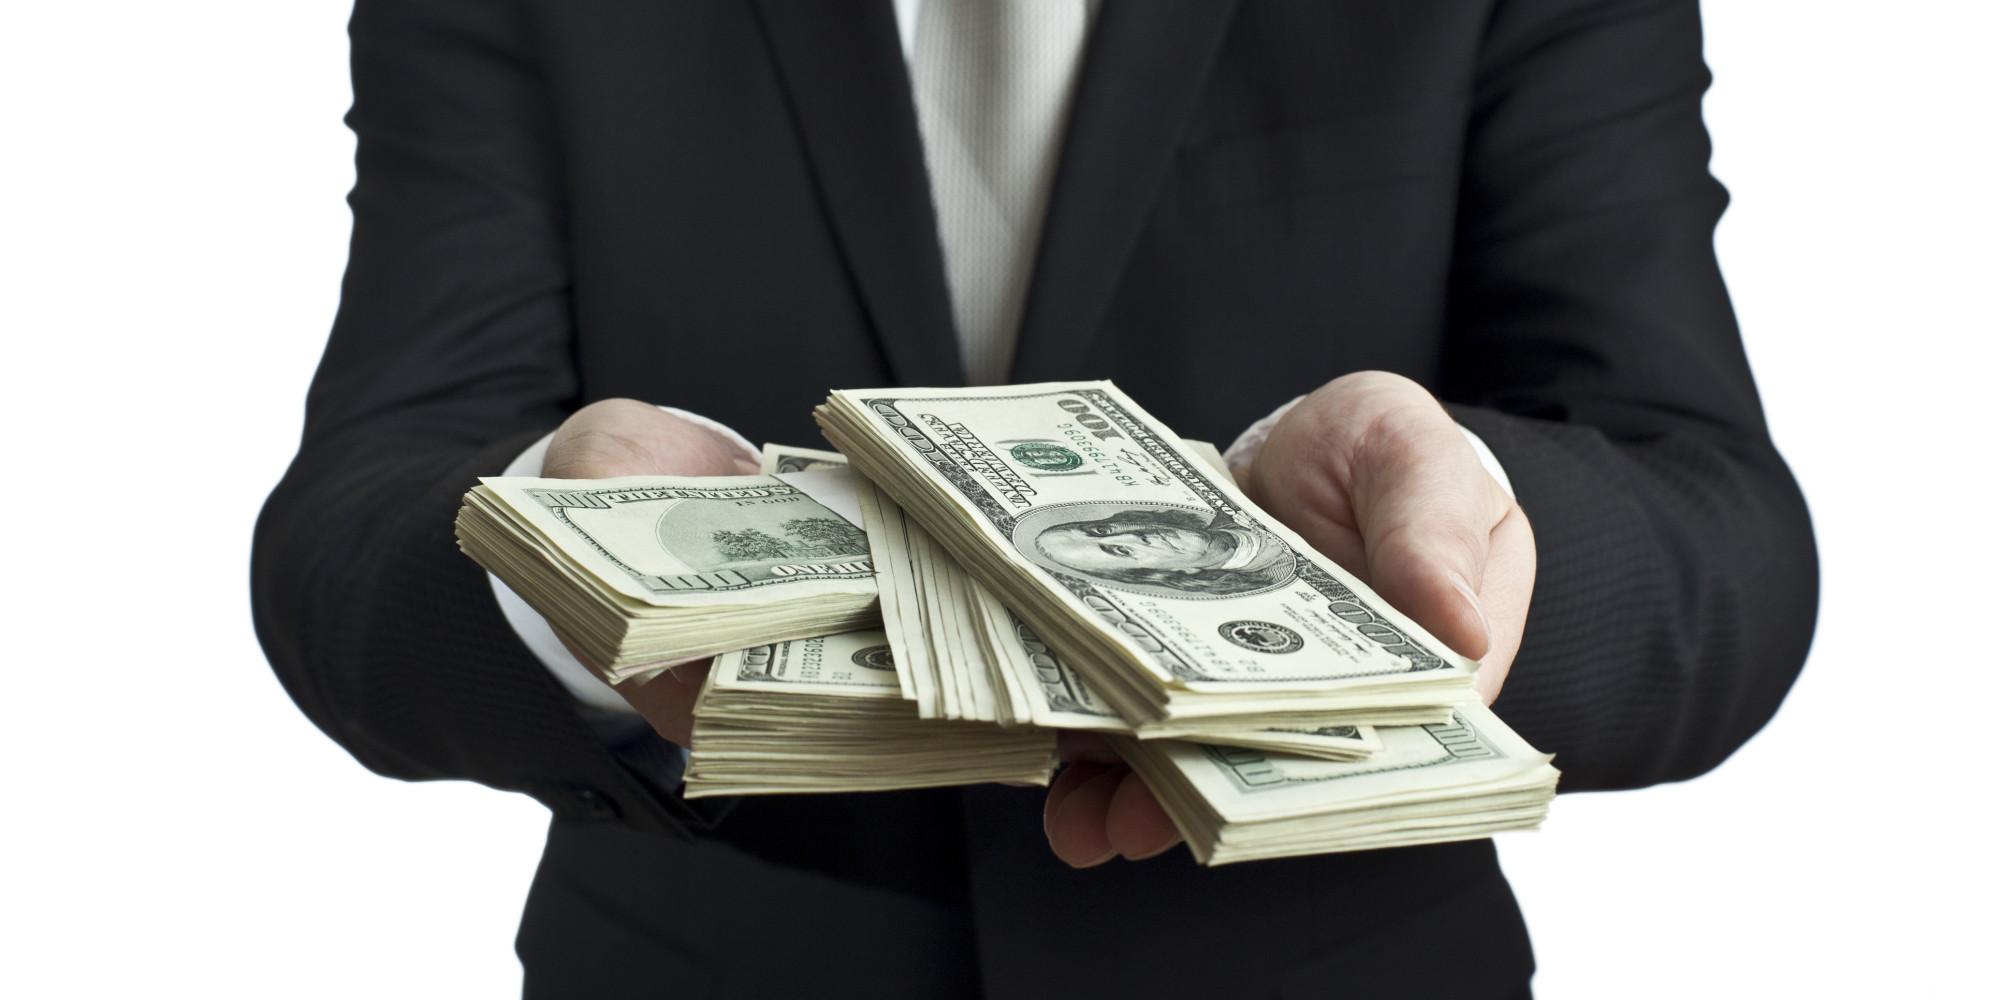 Своими руками зарабатывать деньги как фото